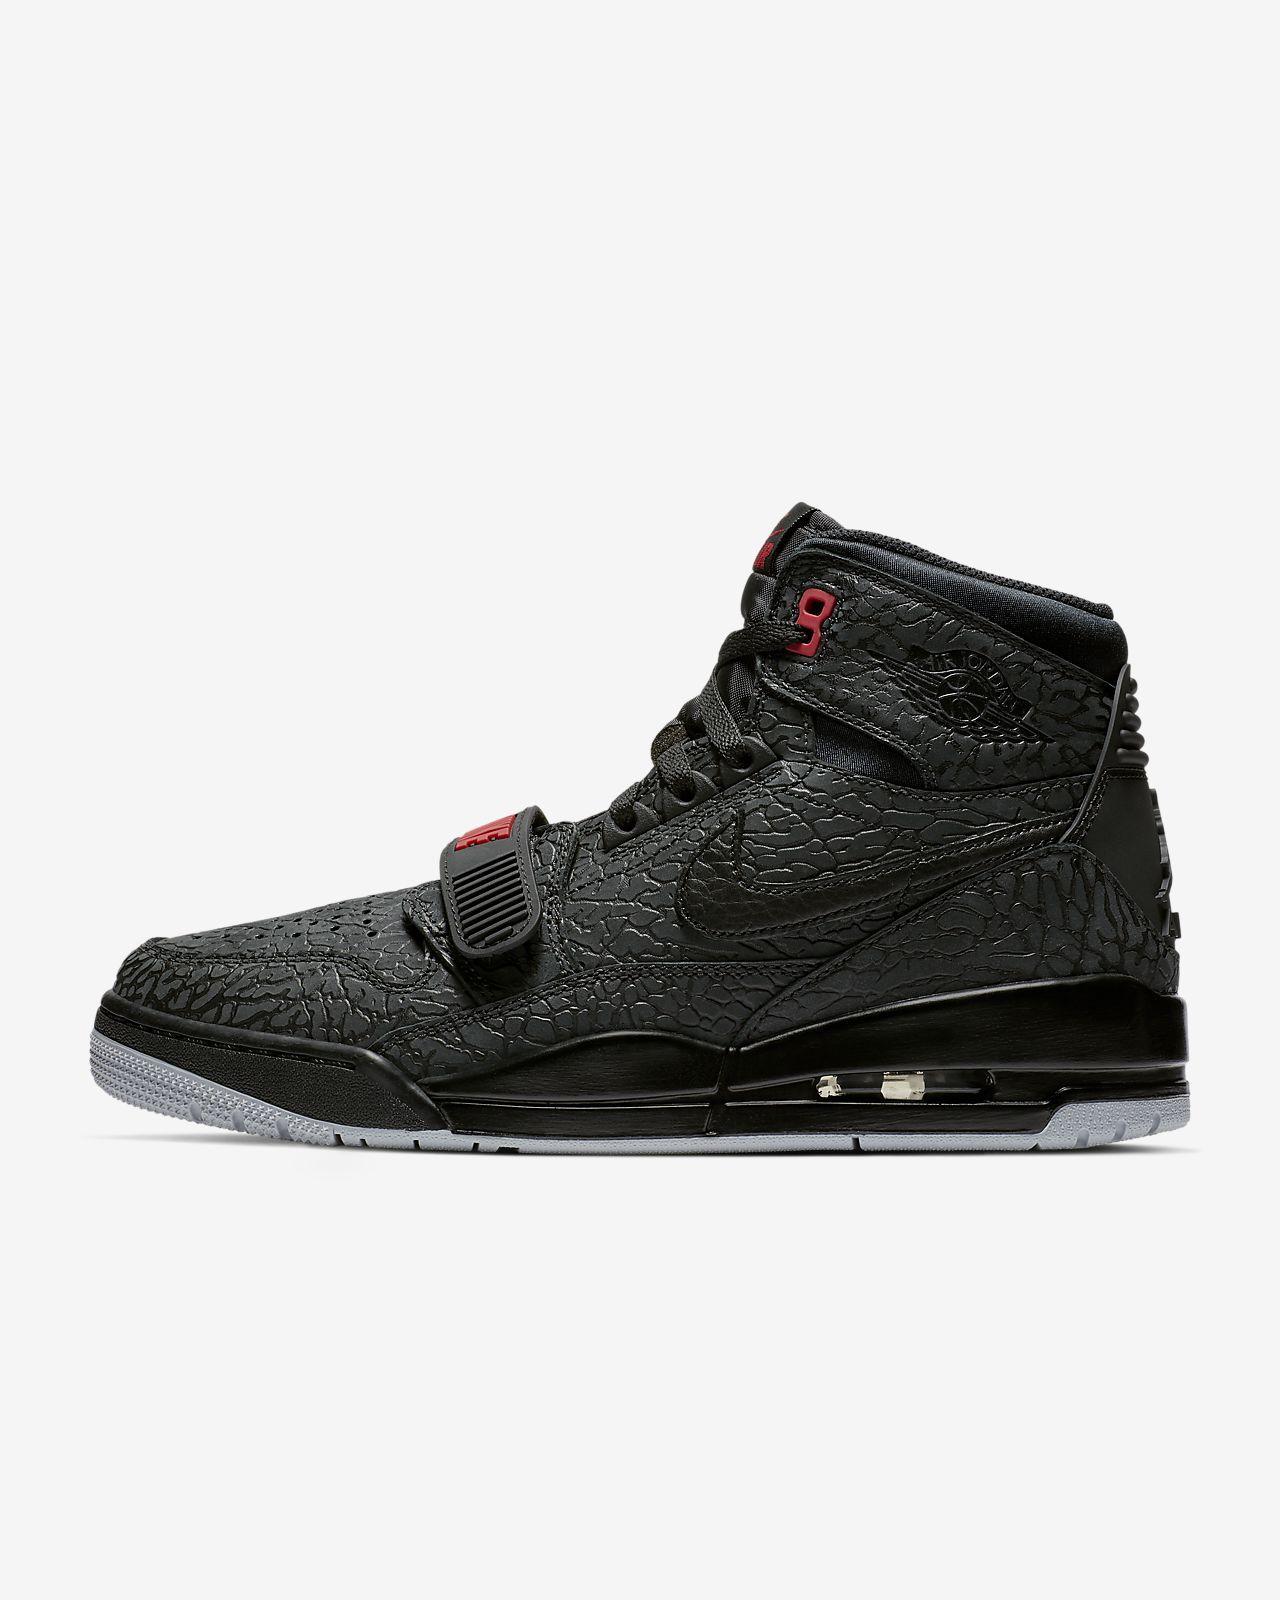 6b9e837ab6d3 Nike Men s Shoe Air Jordan Legacy 312 in 2019